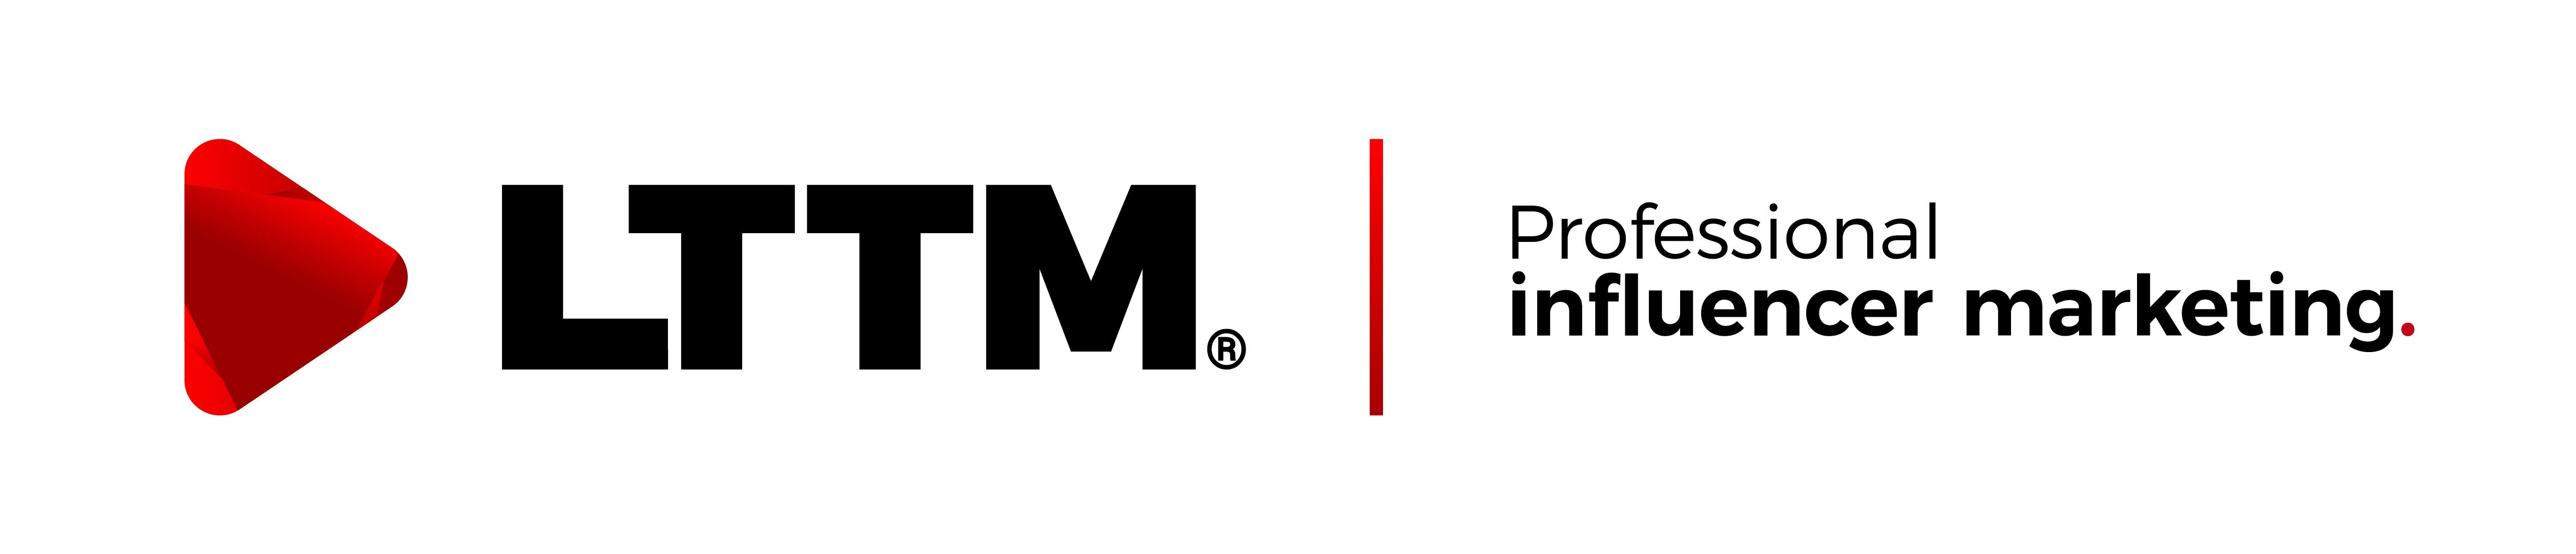 Pod naszymi skrzydłami rozwija się 62% branży influencer marketingu w Polsce! logo